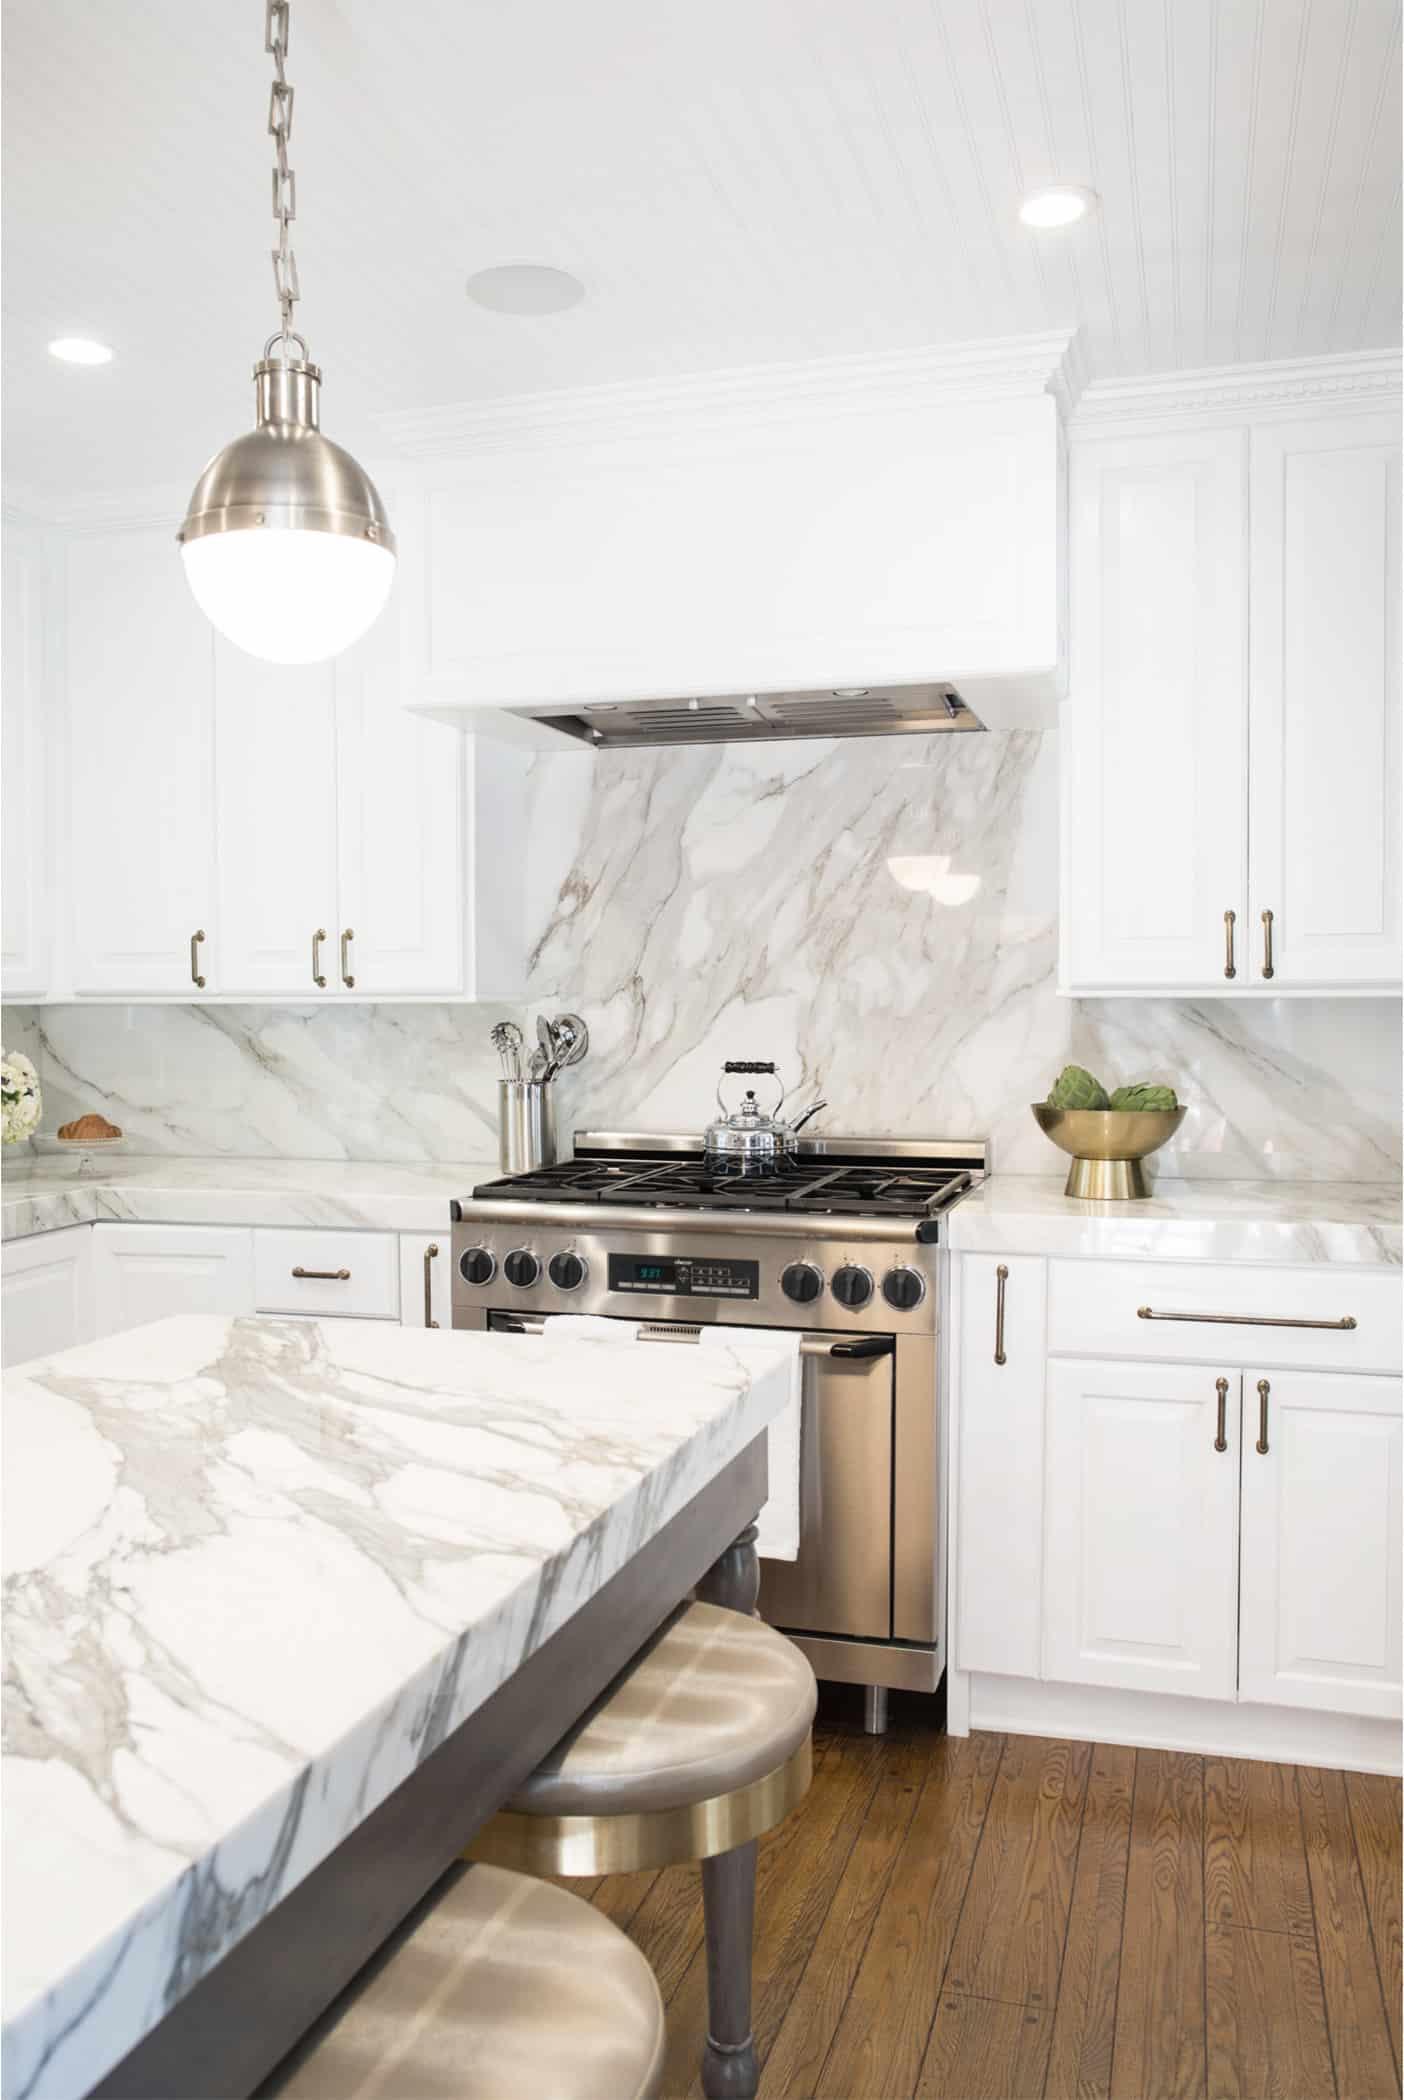 luxury kitchen redesign   Designer Kitchen Remodel Budget Details   COCOCOZY